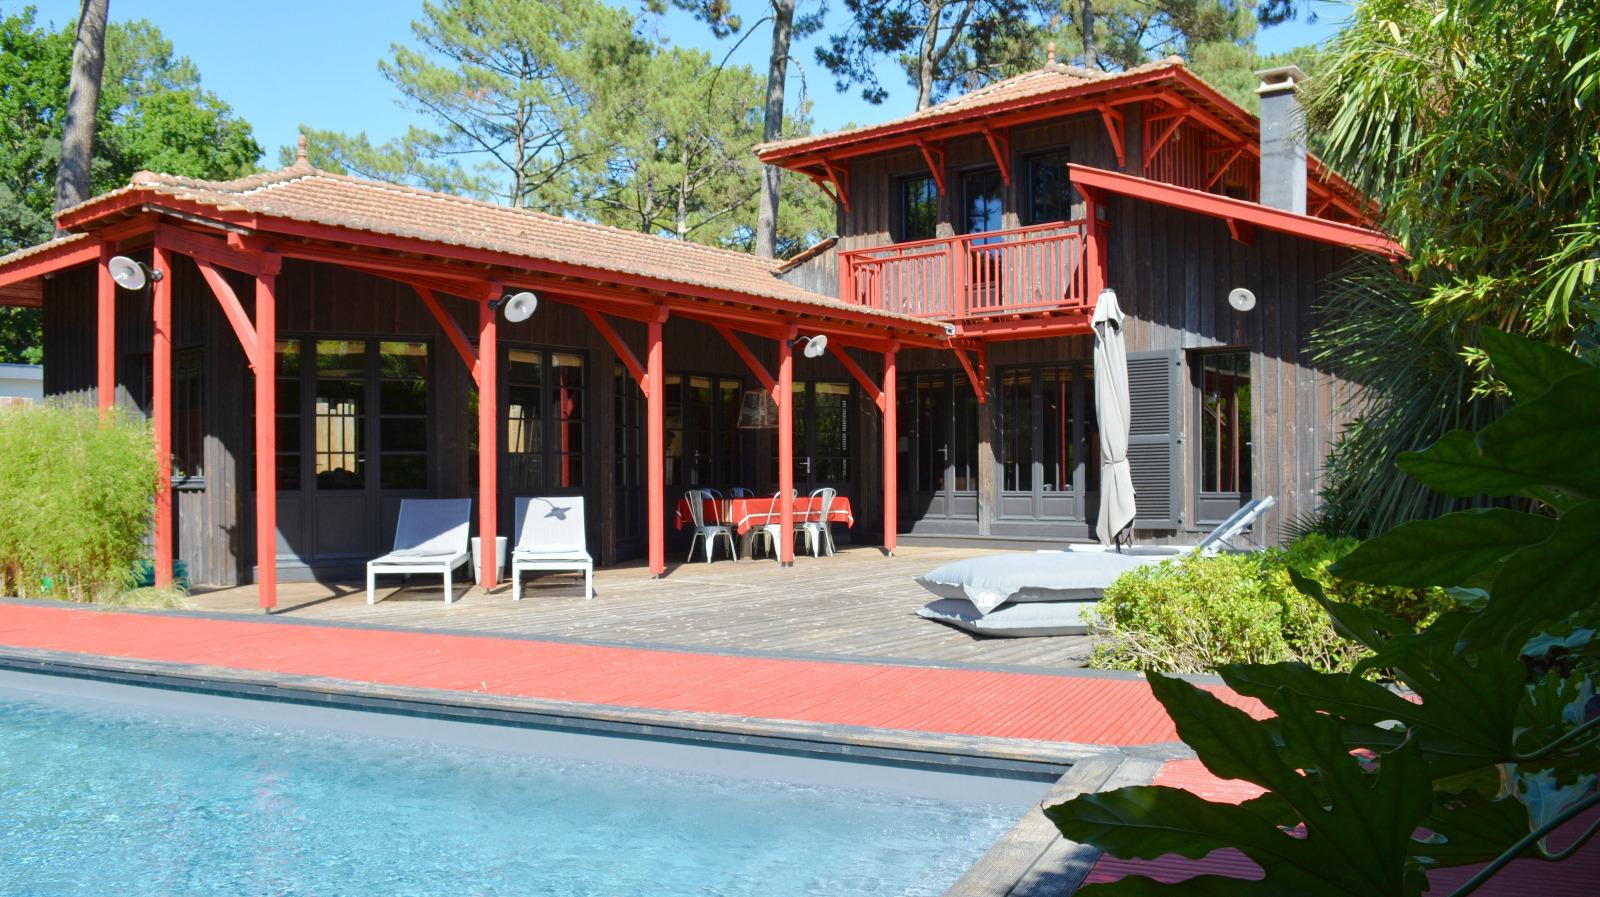 la maison du bassin lge cap ferret cheap location de vacances villa with la maison du bassin. Black Bedroom Furniture Sets. Home Design Ideas